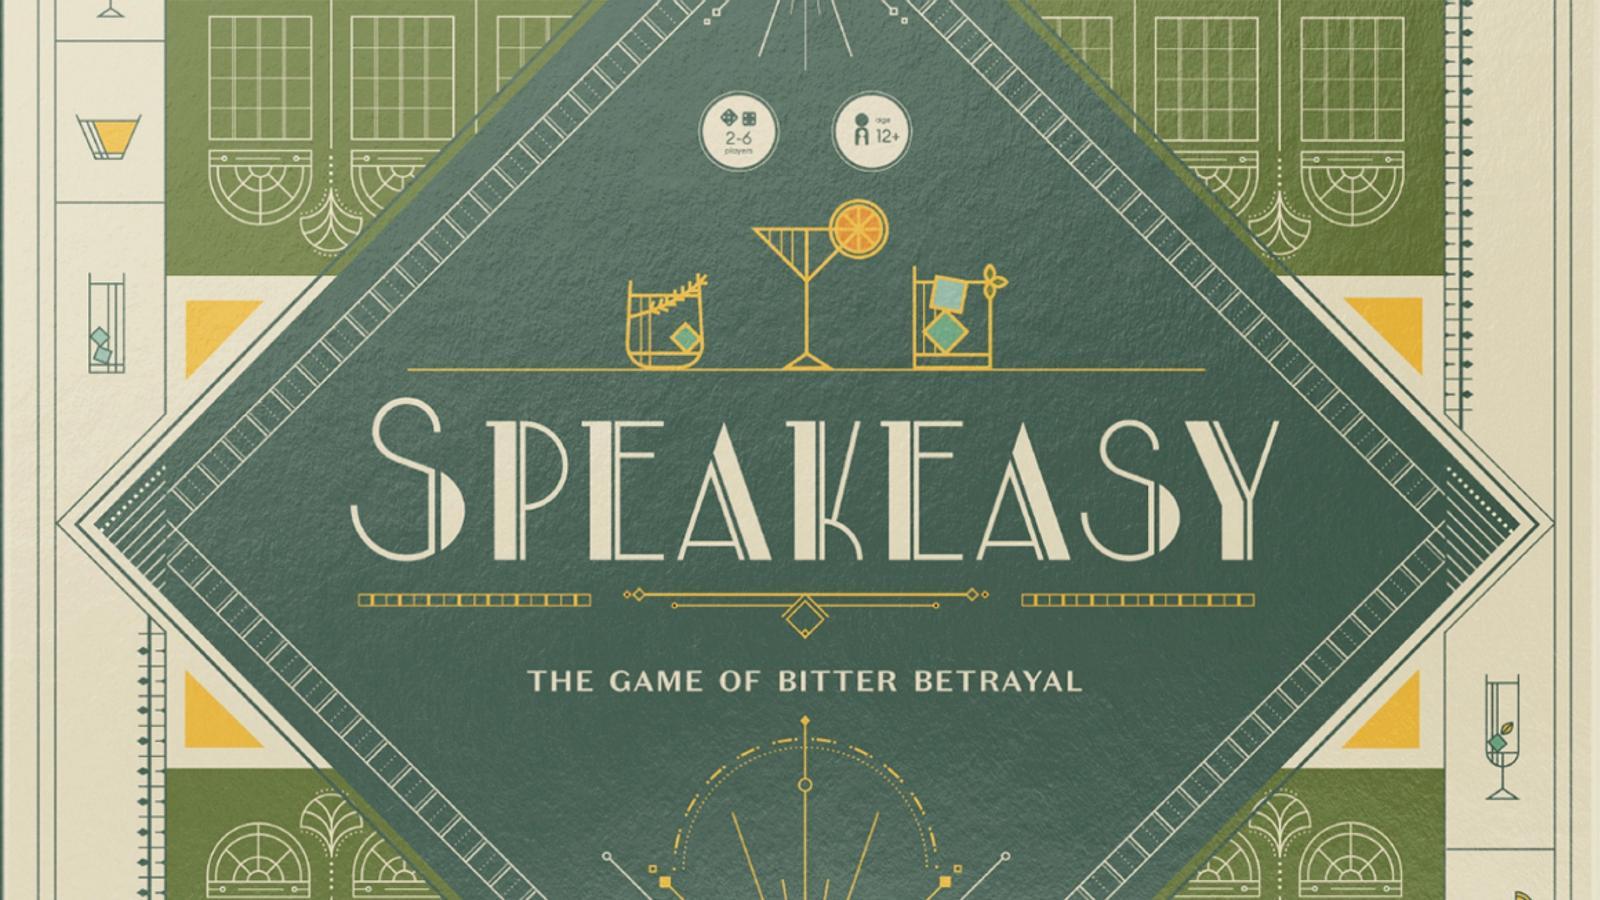 Speakeasy // Board Game